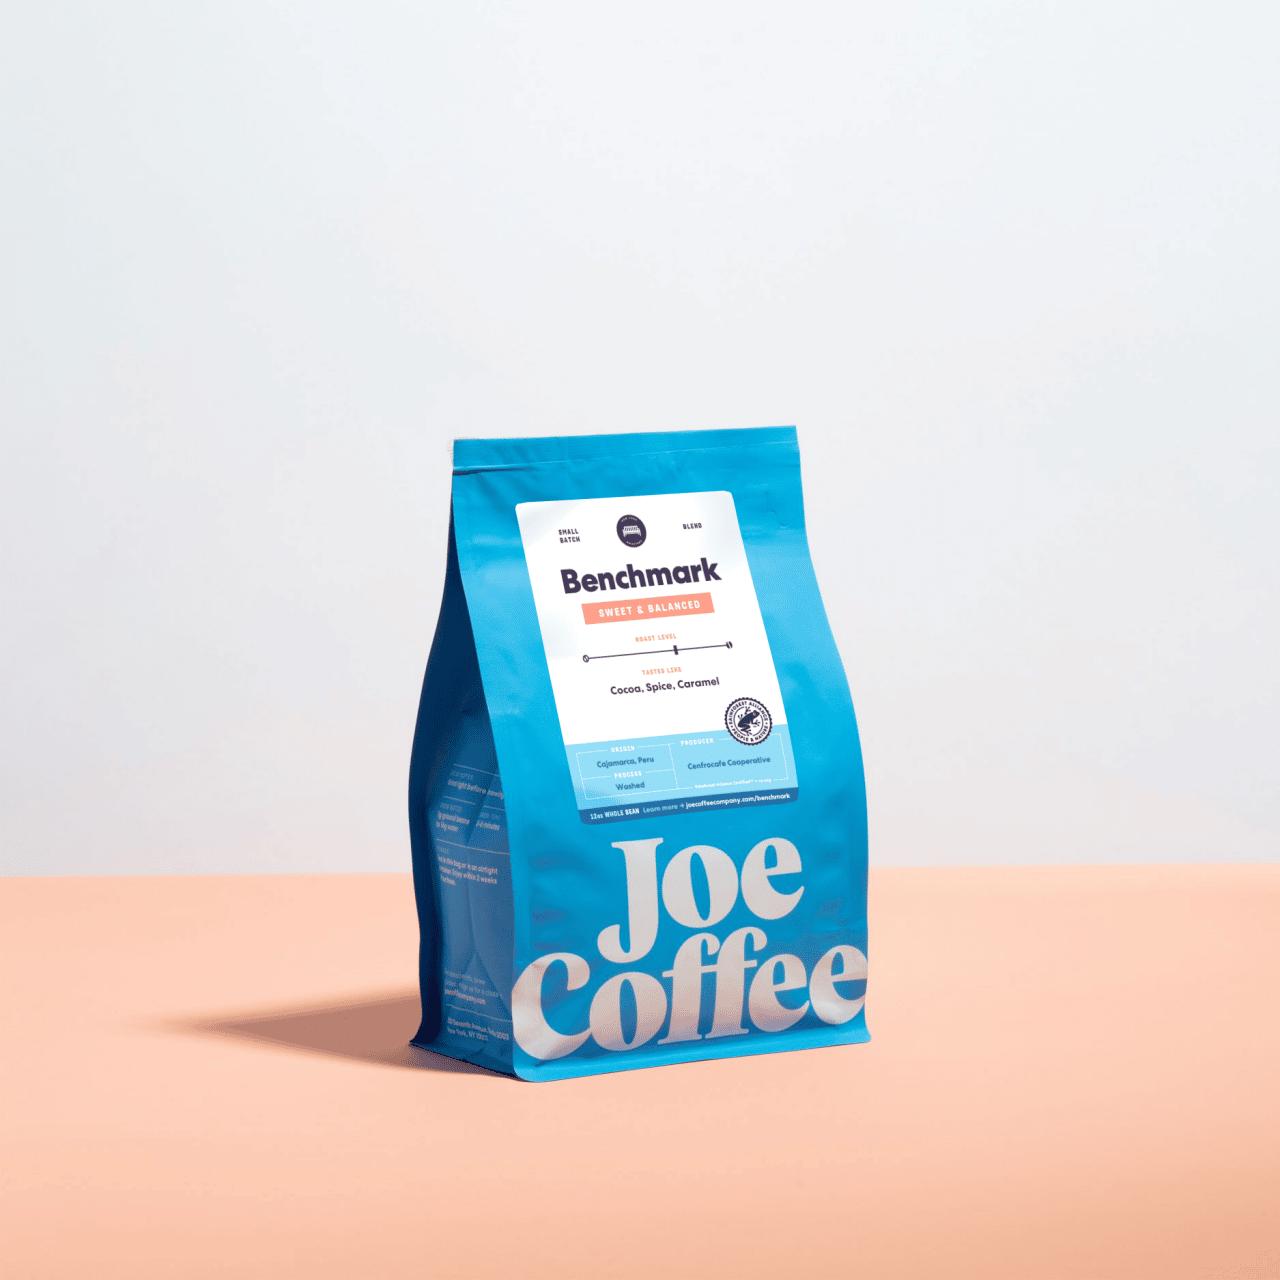 12oz bag of Benchmark coffee